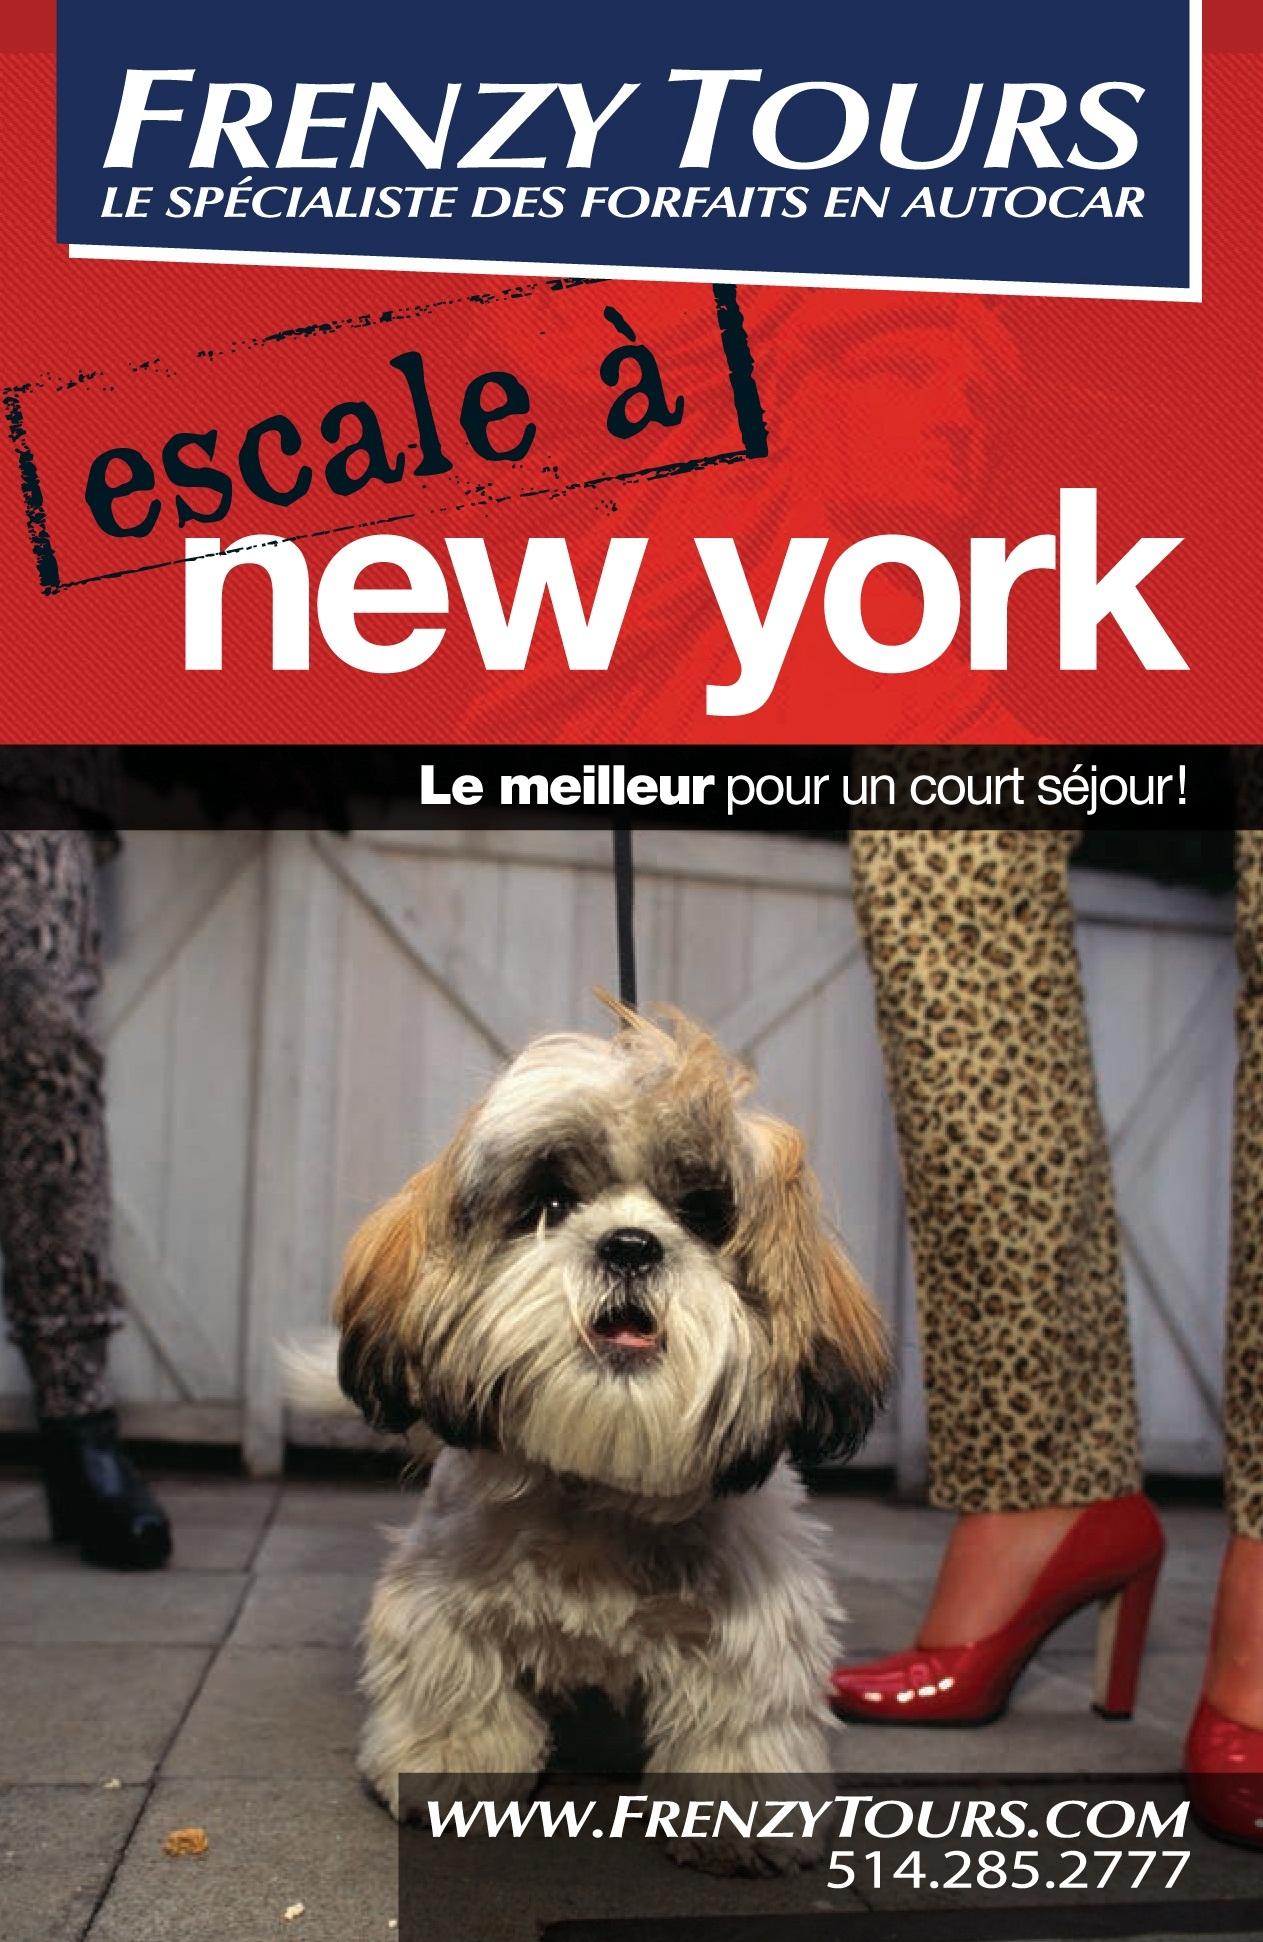 meilleur guide pour new york